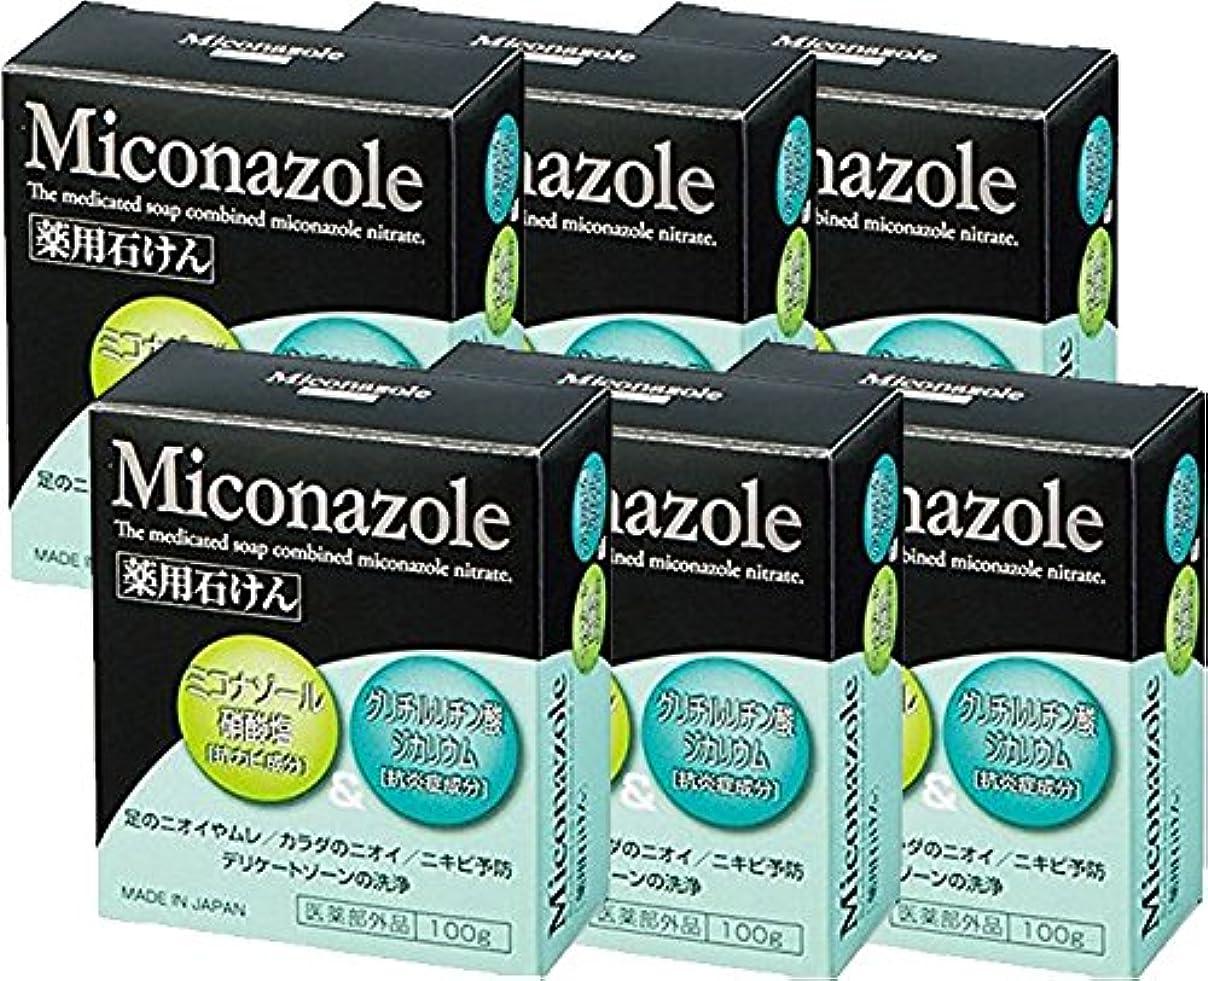 謝罪冬ラフレシアアルノルディミコナゾール 薬用せっけん 100g 《医薬部外品》 (6個)